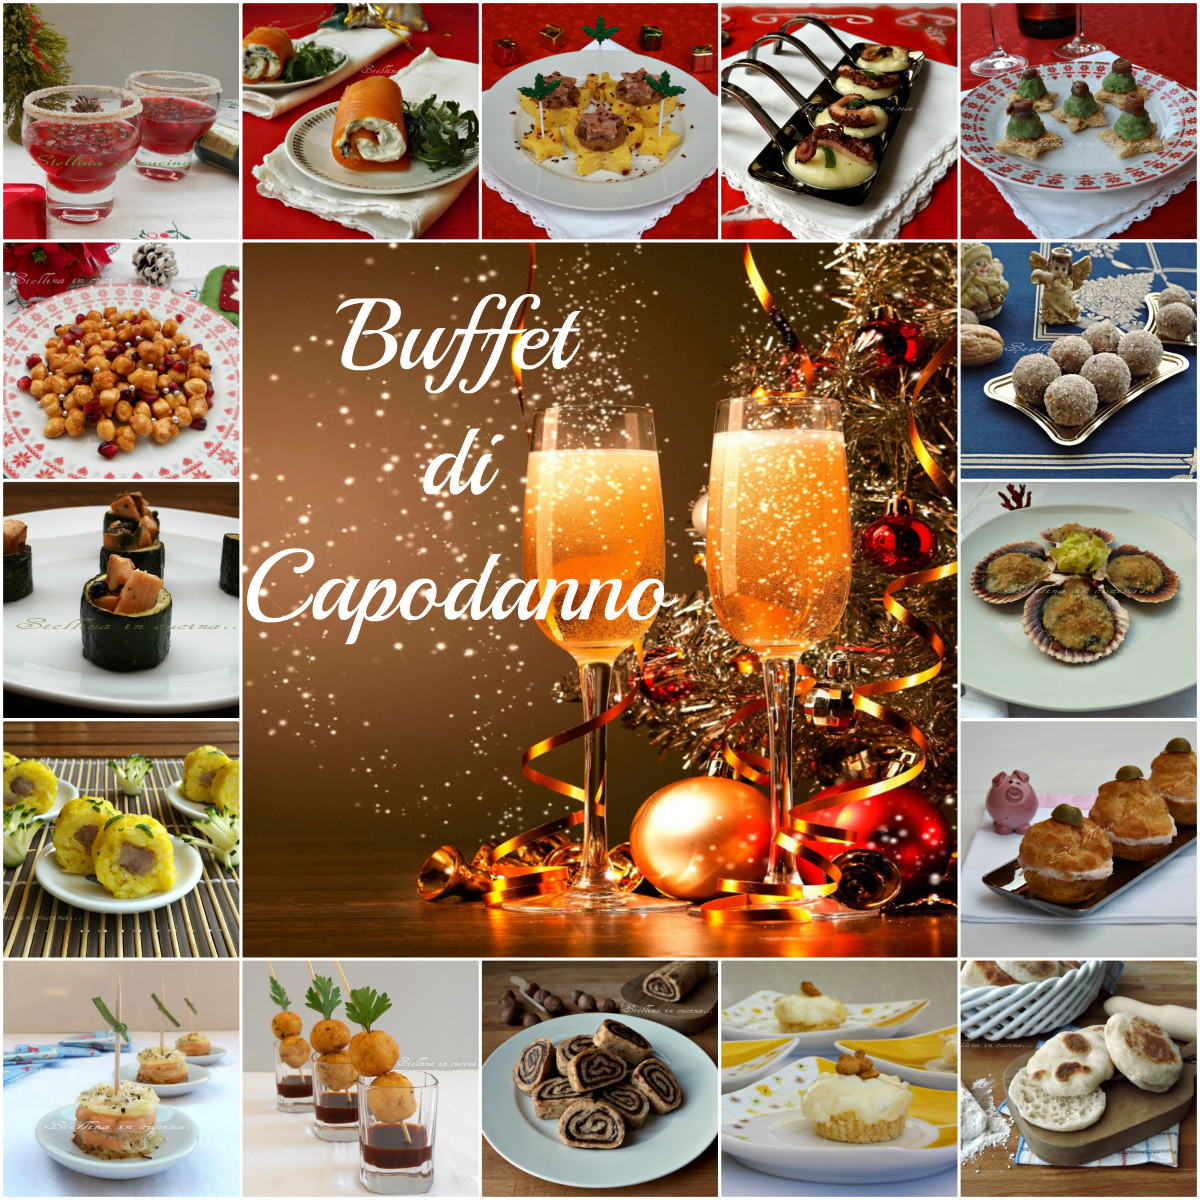 Buffet di Capodanno: ricette dolci e salate